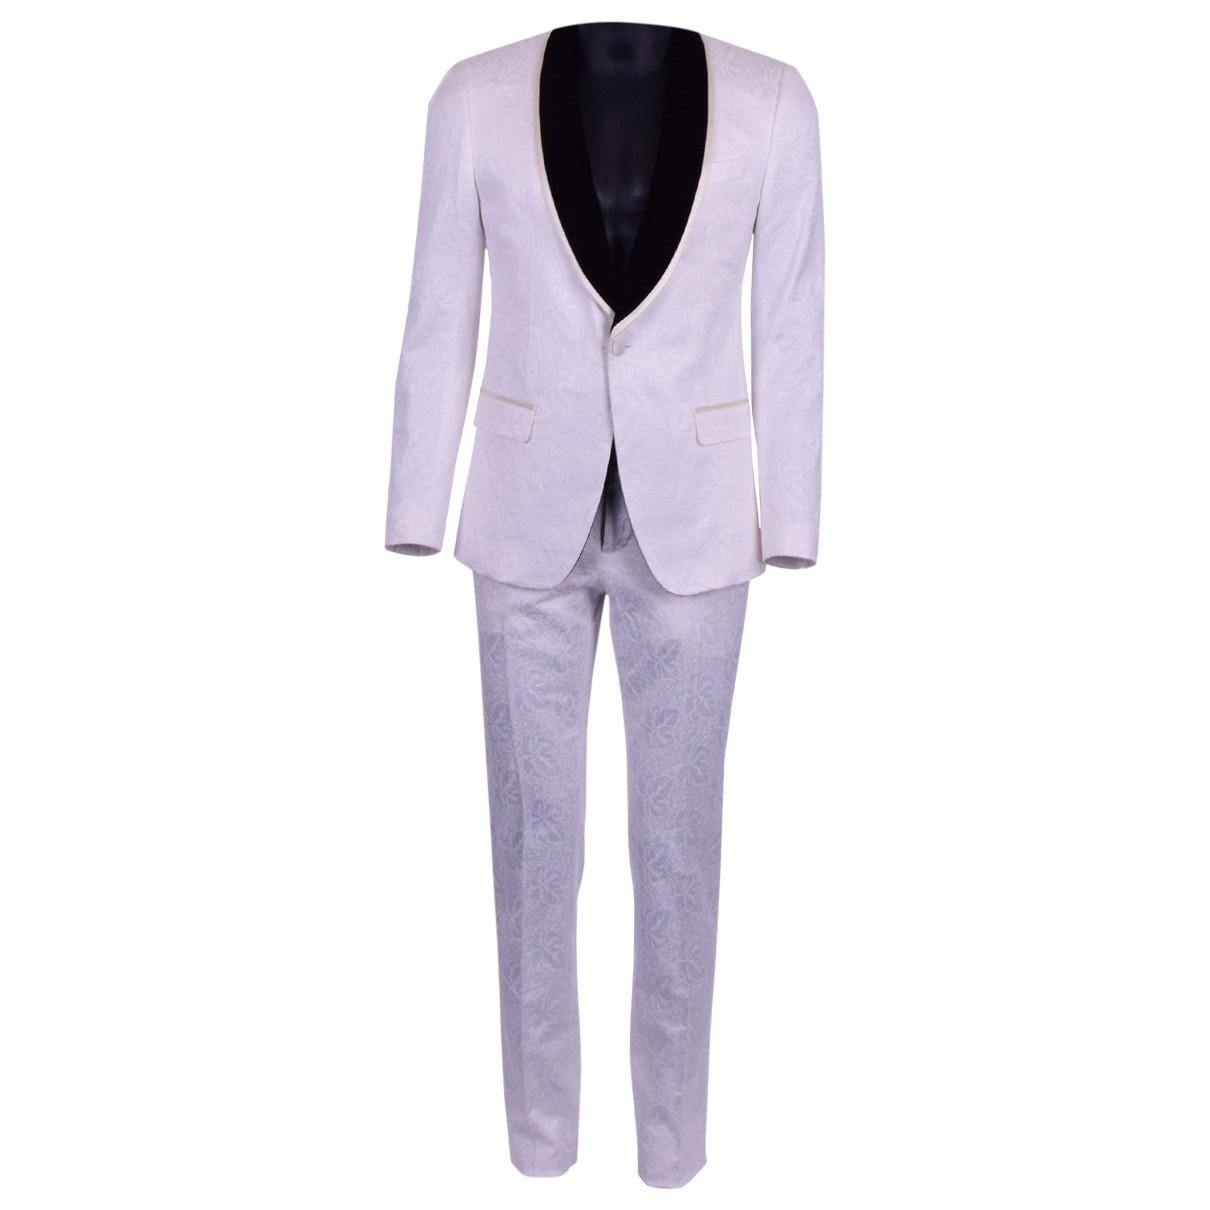 Dolce & Gabbana - Costumes   pour homme en coton - blanc